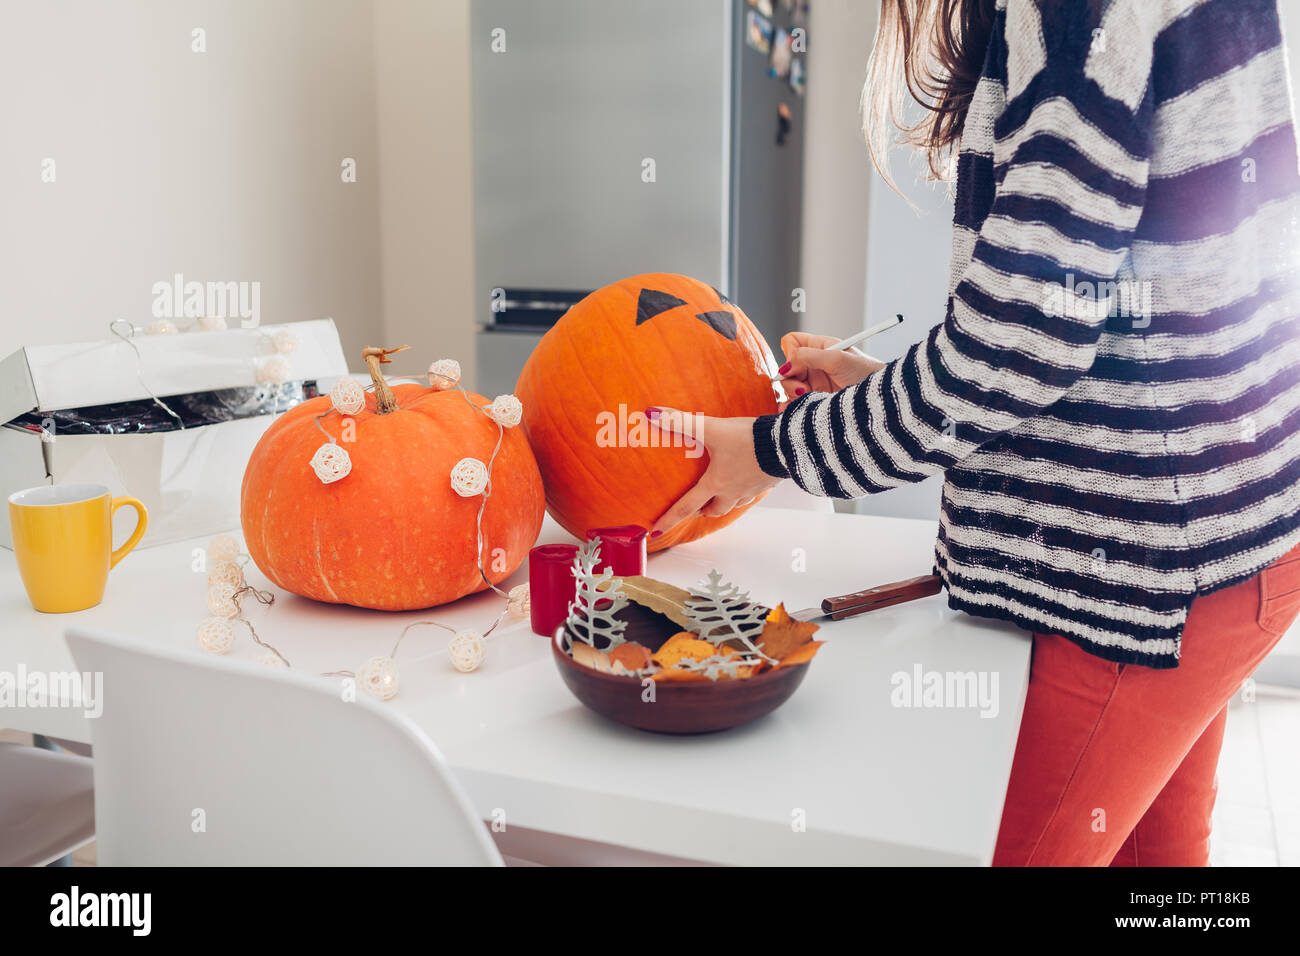 Young woman making jack-o-lanterne pour halloween sur cuisine. Dessiner les yeux, le nez et la bouche avec un crayon sur la citrouille. La préparation de décoration pour maison de vacances Banque D'Images